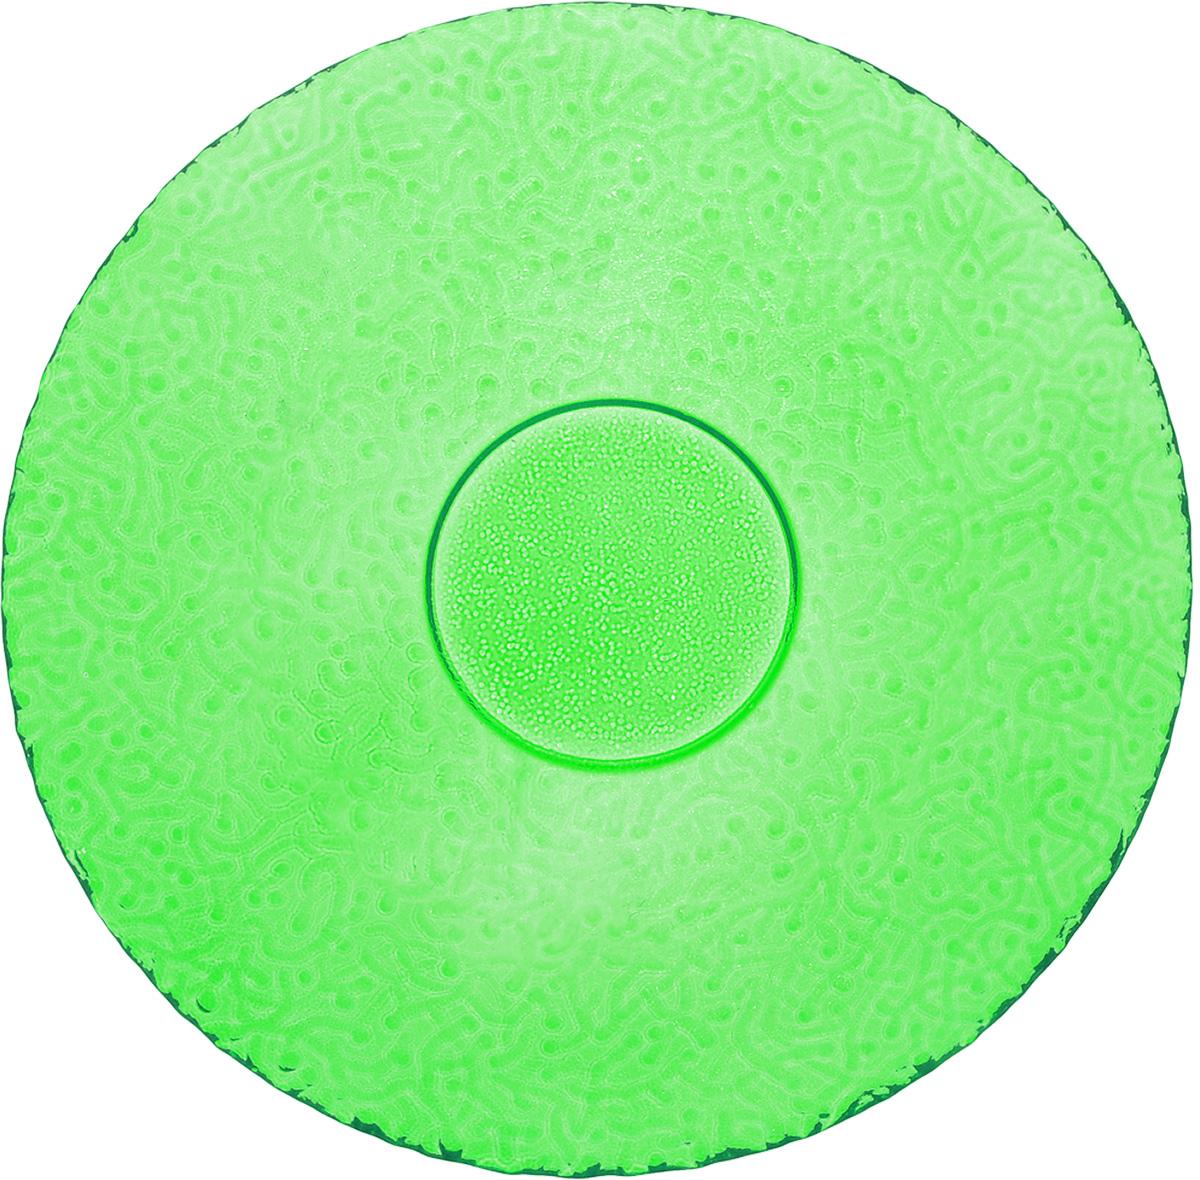 Тарелка NiNaGlass Ажур, цвет: зеленый, диаметр 21 см83-070-Ф210_зеленыйТарелка NiNaGlass Ажур выполнена из высококачественного стекла и имеет рельефную поверхность. Она прекрасно впишется в интерьер вашей кухни и станет достойным дополнением к кухонному инвентарю. Тарелка NiNaGlass Ажур подчеркнет прекрасный вкус хозяйки и станет отличным подарком. Диаметр тарелки: 21 см. Высота: 2,5 см.